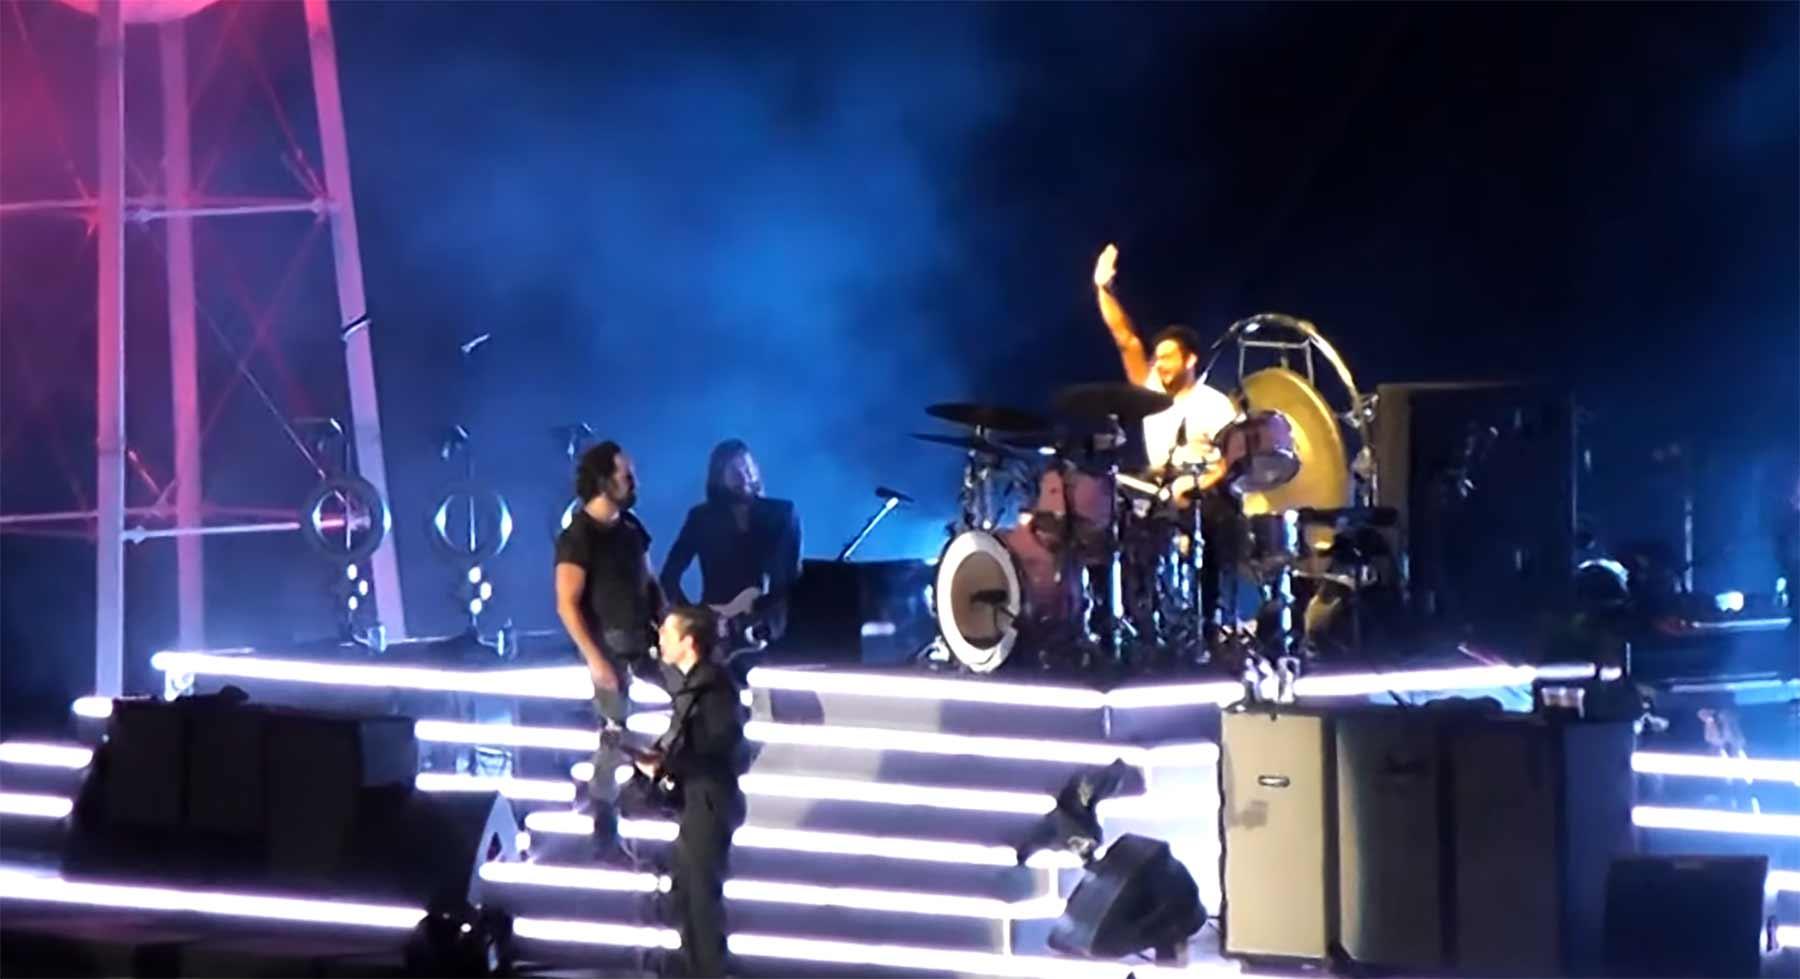 Fan darf beim Killers-Konzert mitspielen und rockt das Schlagzeug